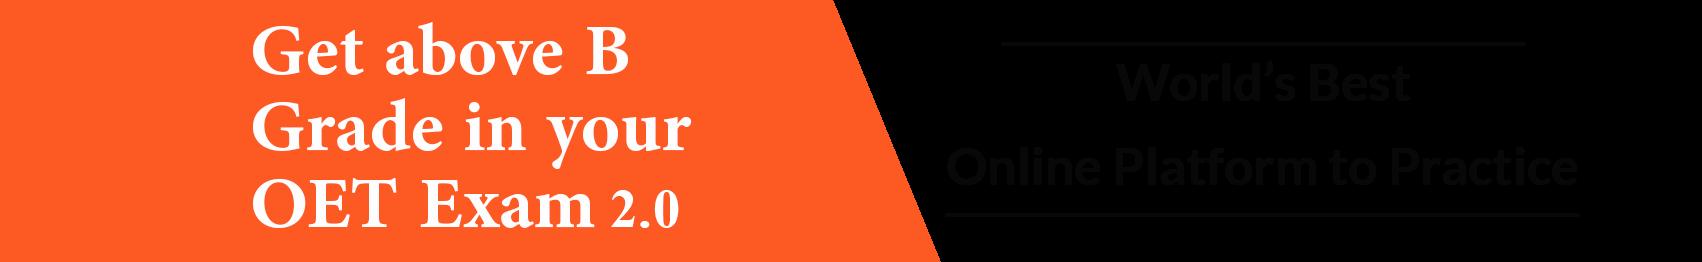 OET 2 0 Practice Online | OET Exam Preparation - Oetpractice net